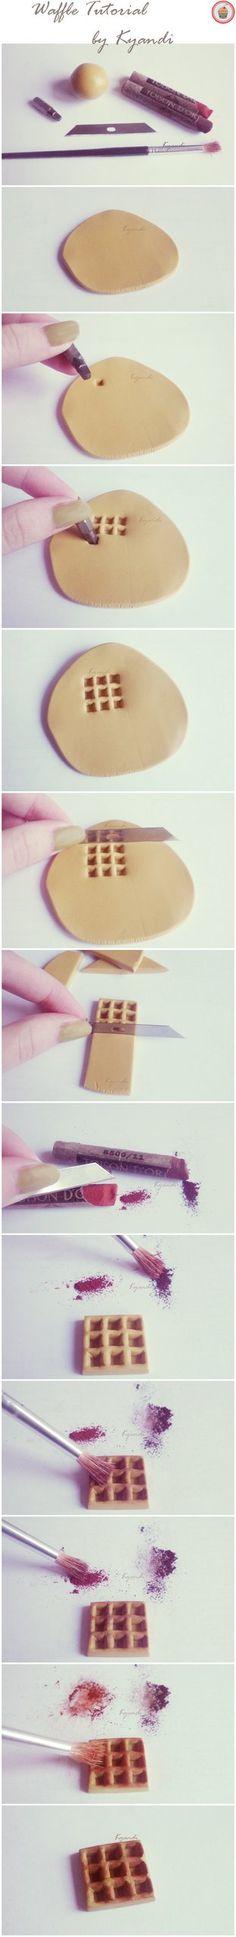 Polymer clay waffle tutorial